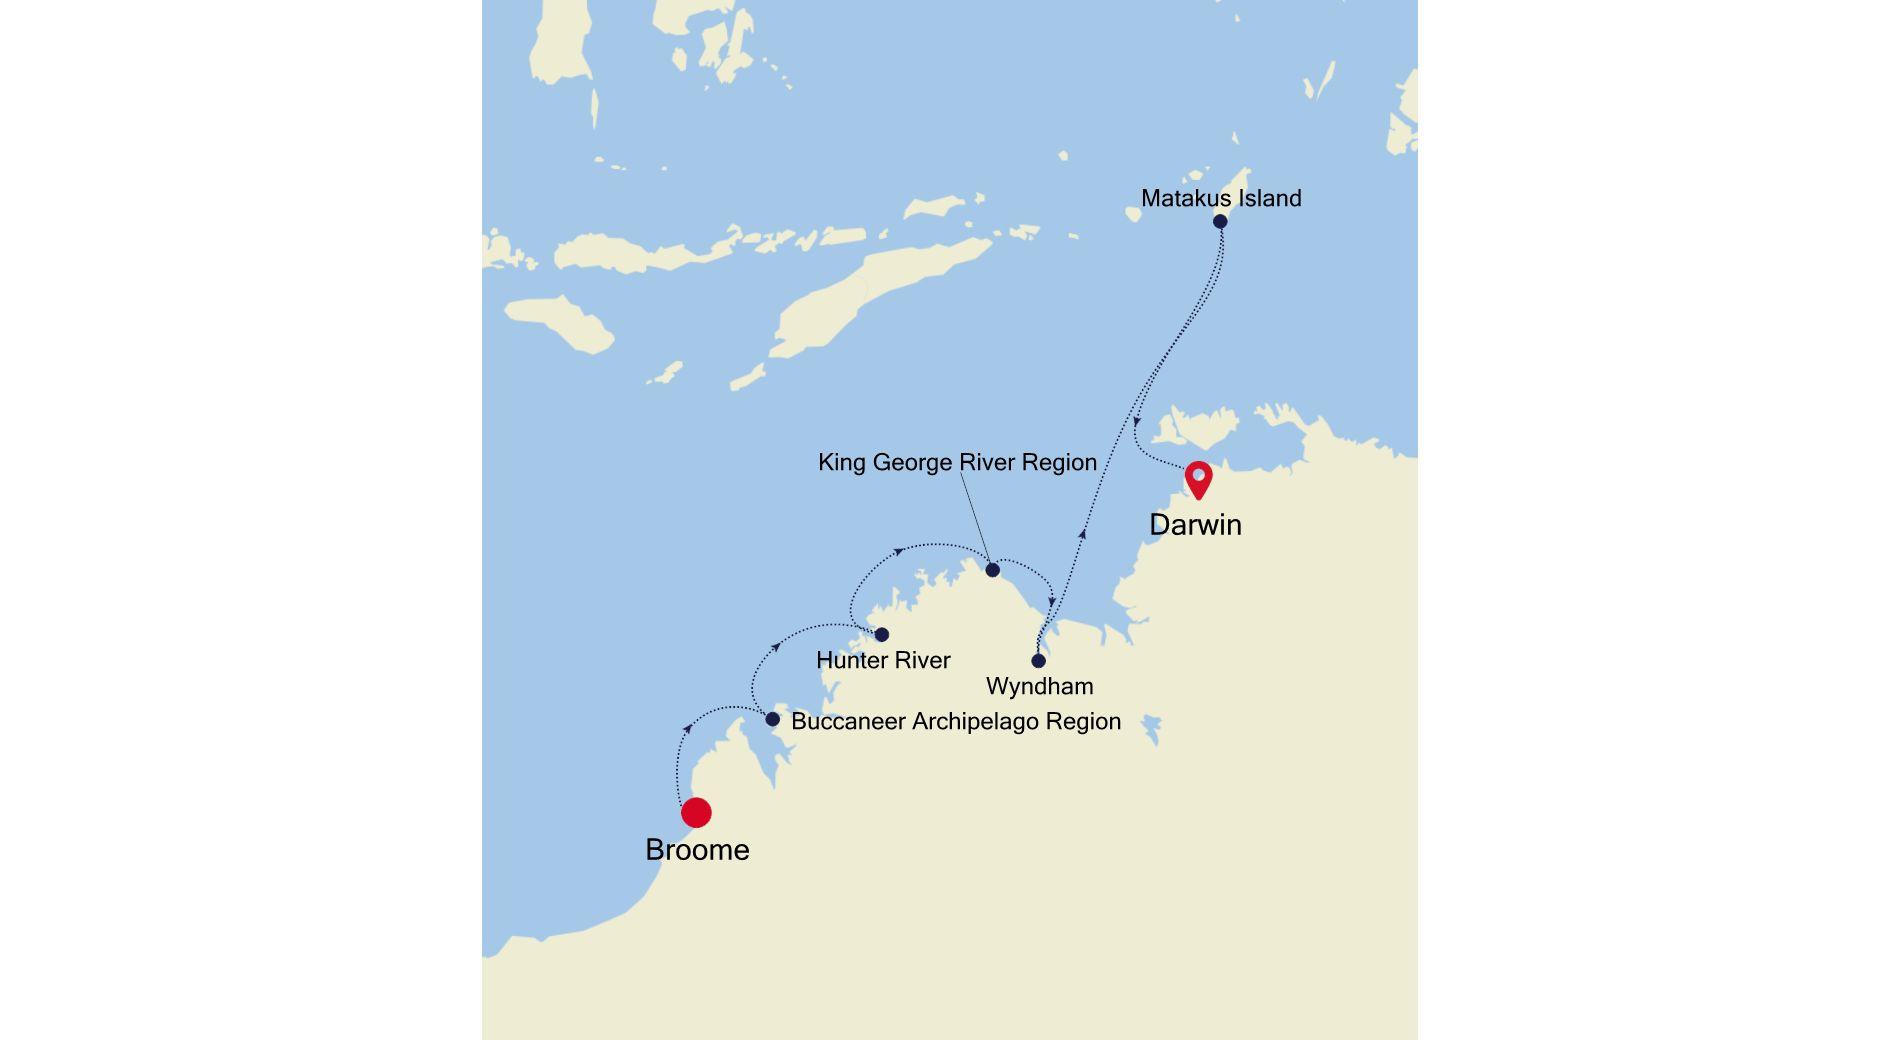 E1210714010 - Broome to Darwin